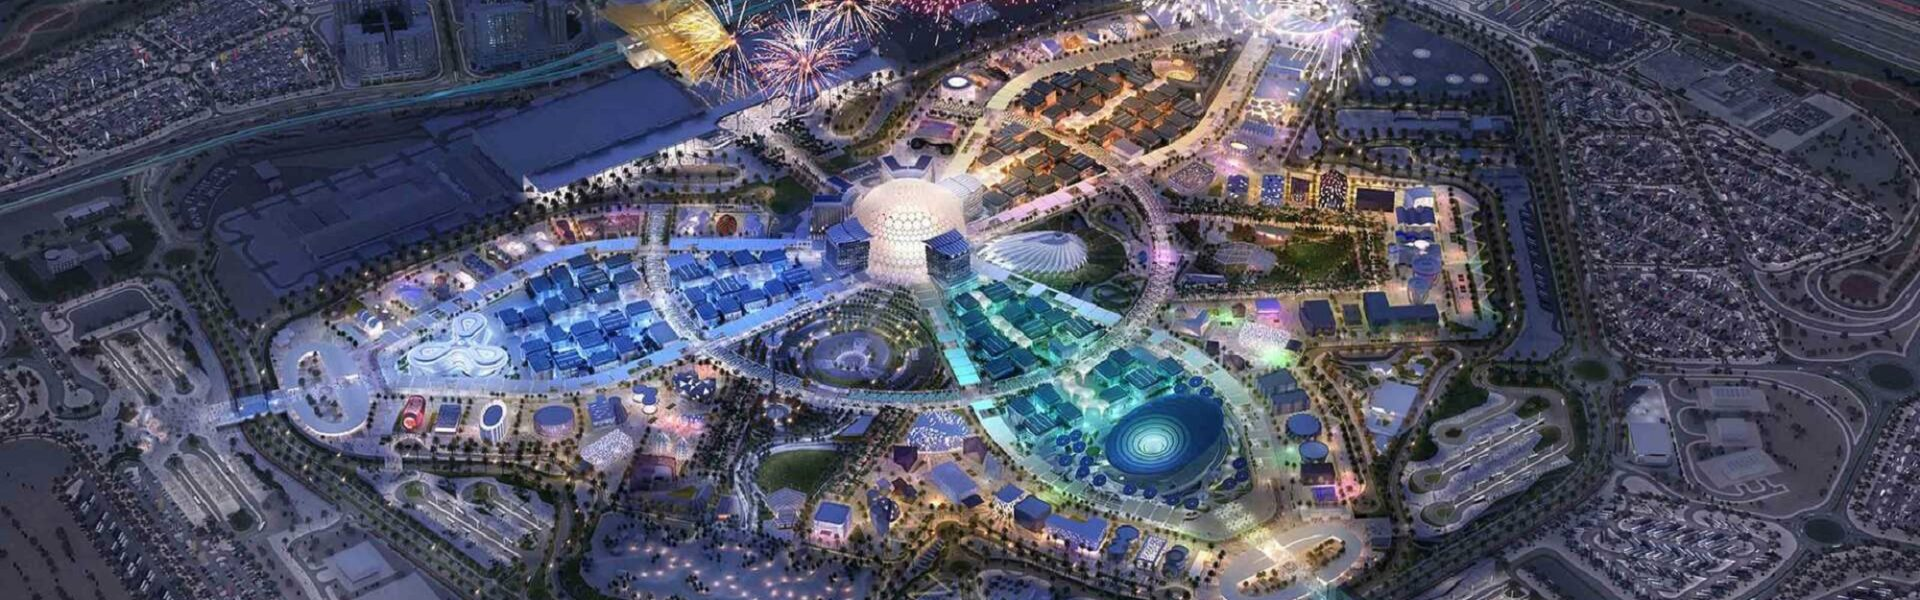 Spécial Escapades Expo universelle – Dubaï 2020